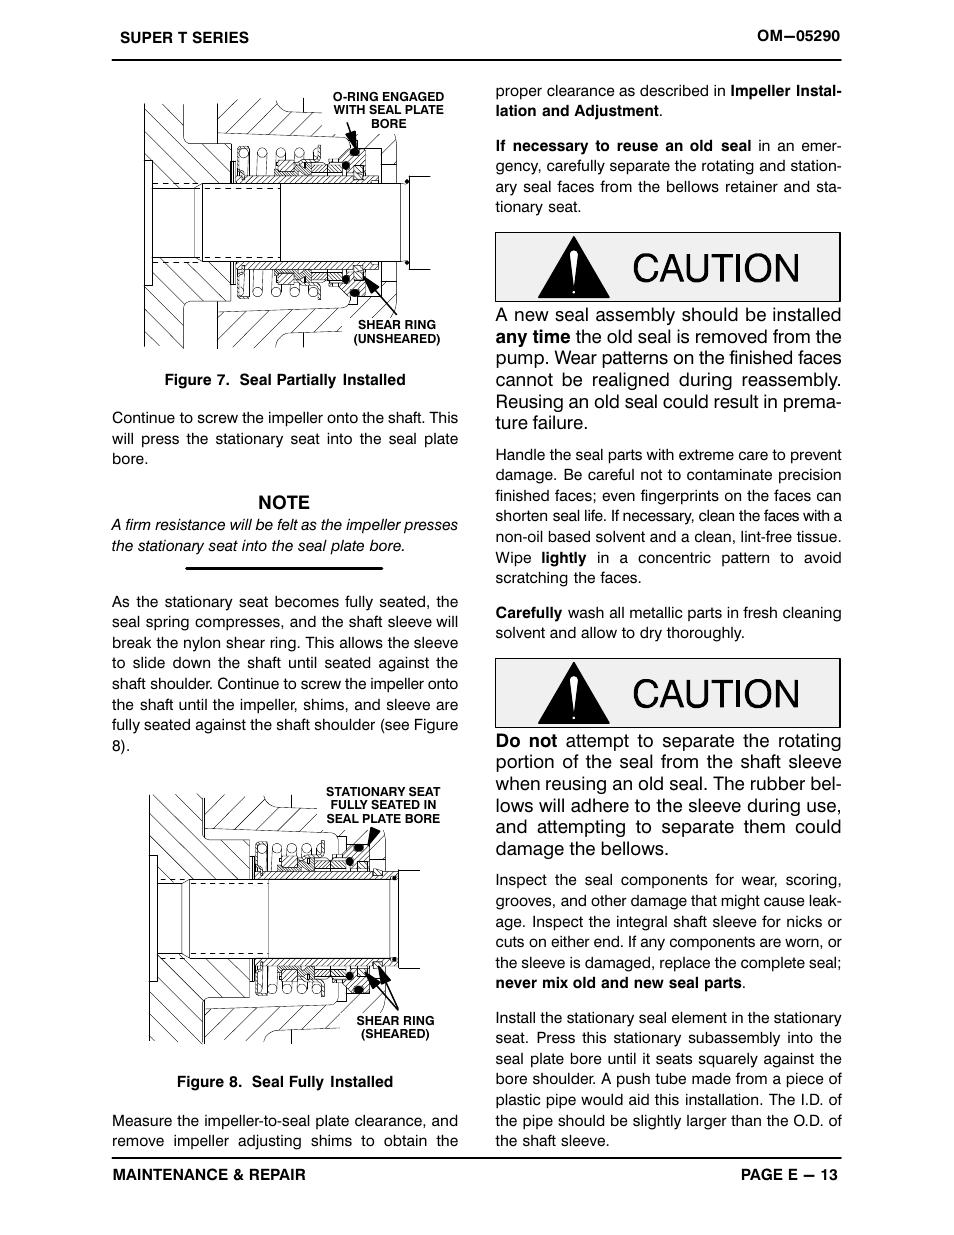 Gorman-Rupp Pumps T10A3S-B /FM,/WW User Manual | Page 34 / 38